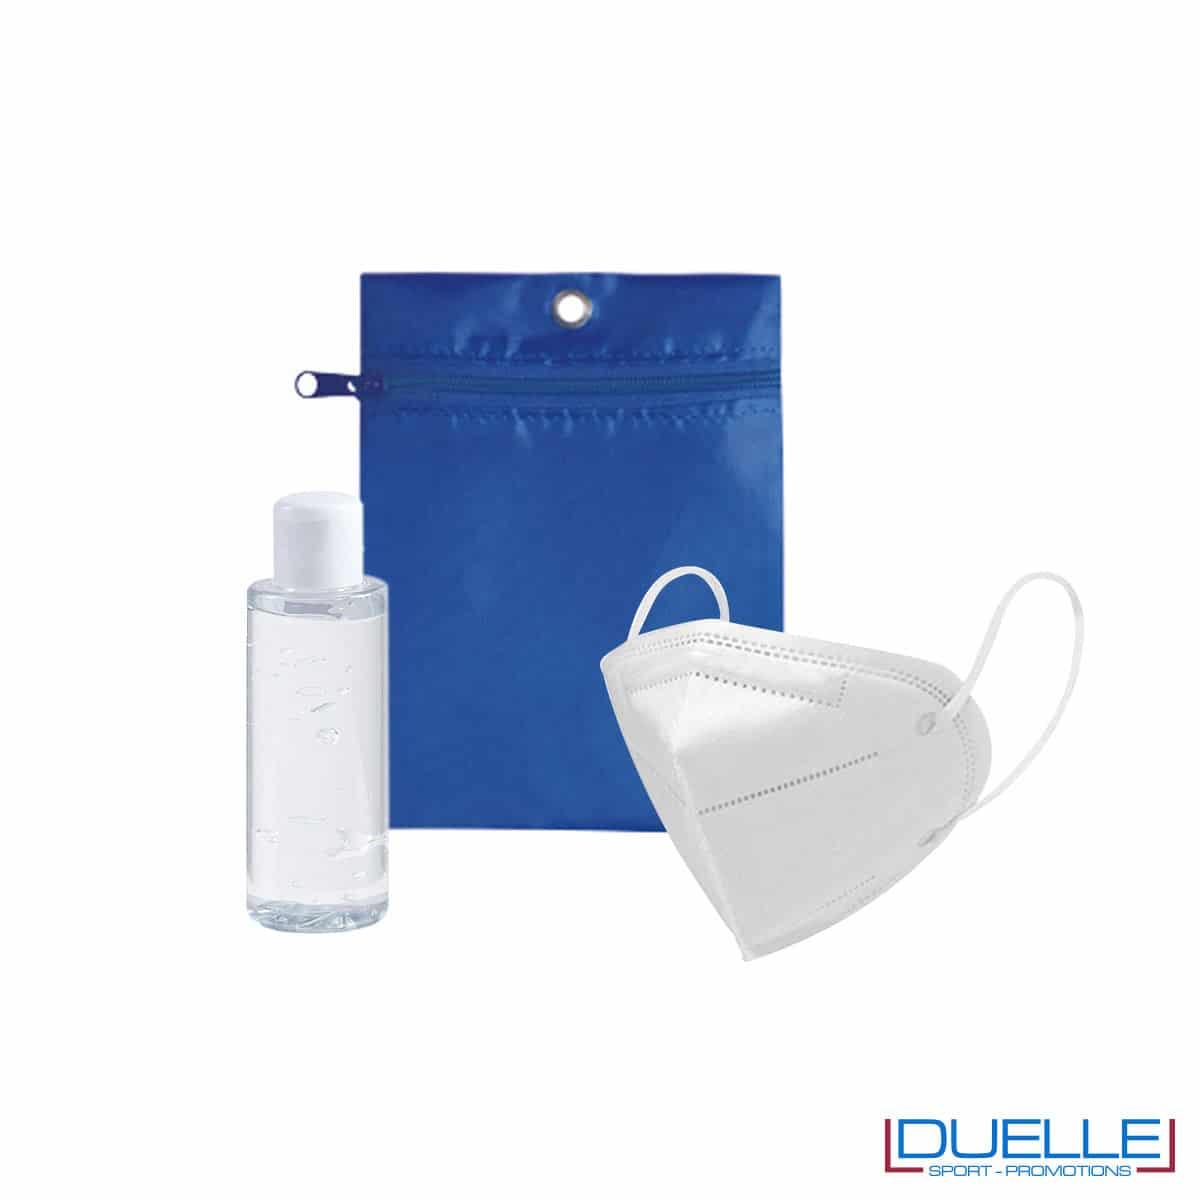 Set da viaggio igienizzante con bustina colore blu royal personalizzata